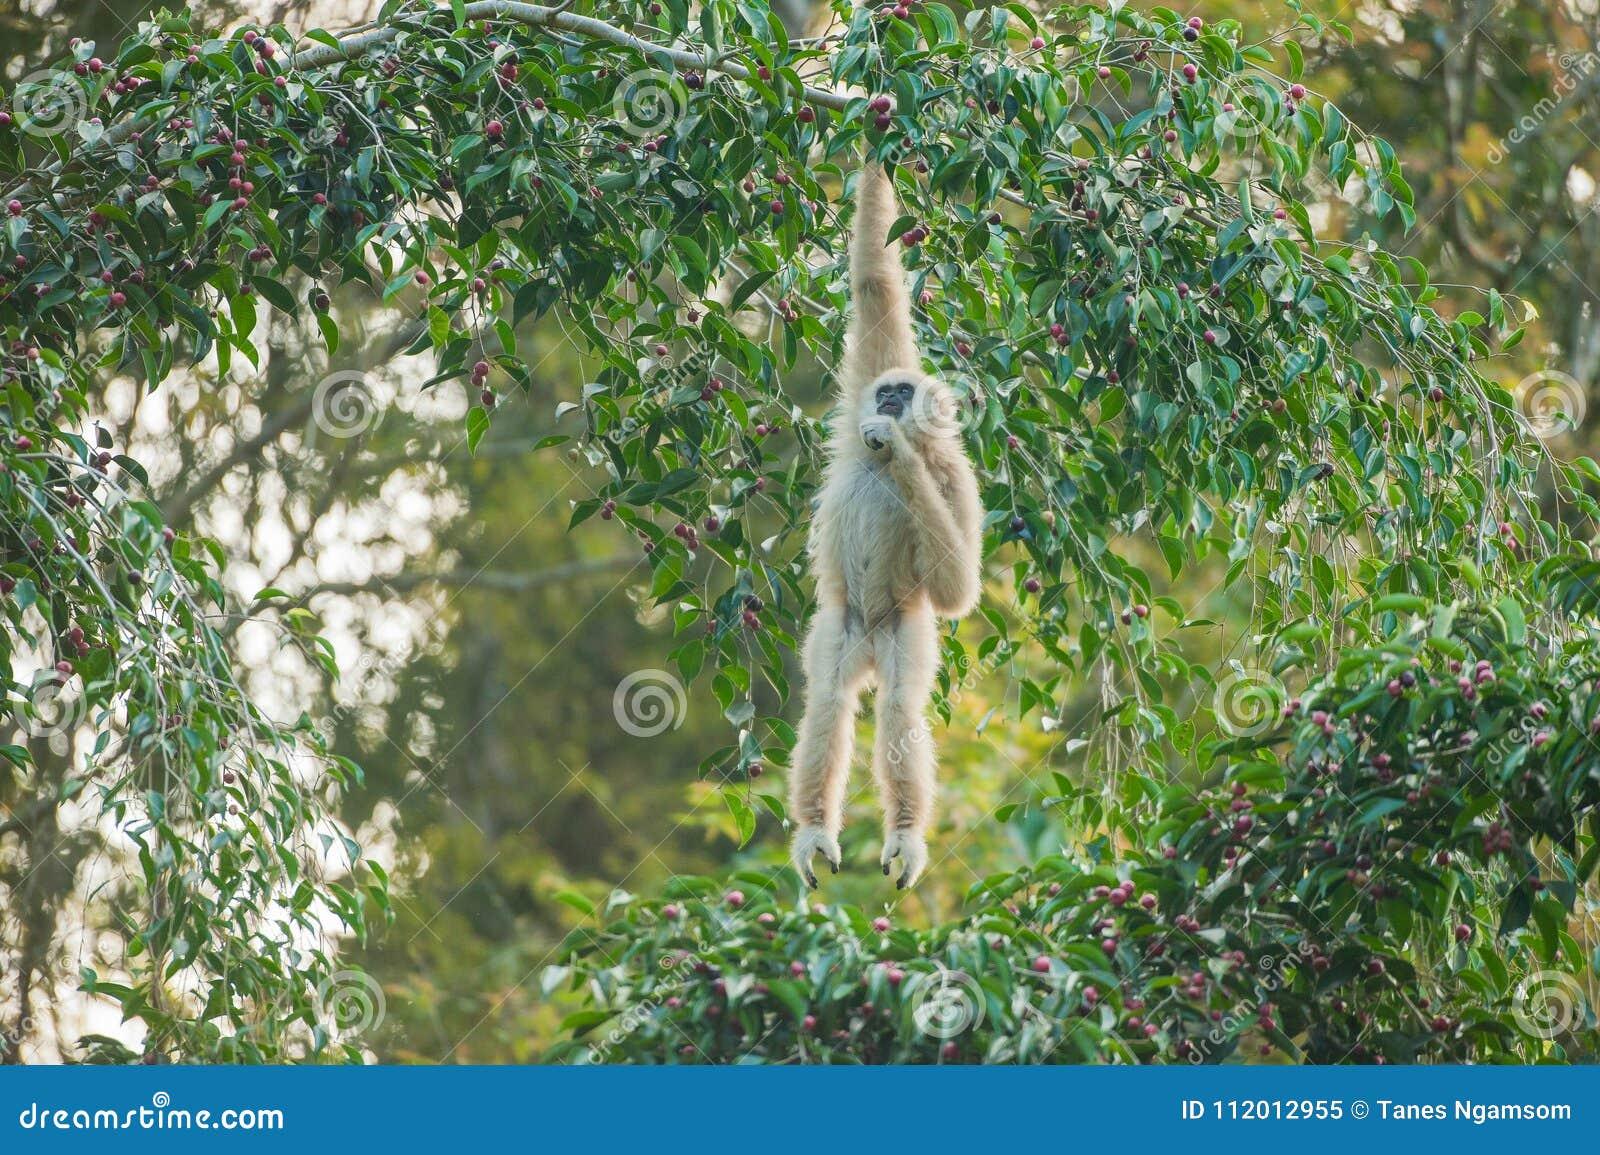 Common Gibbon